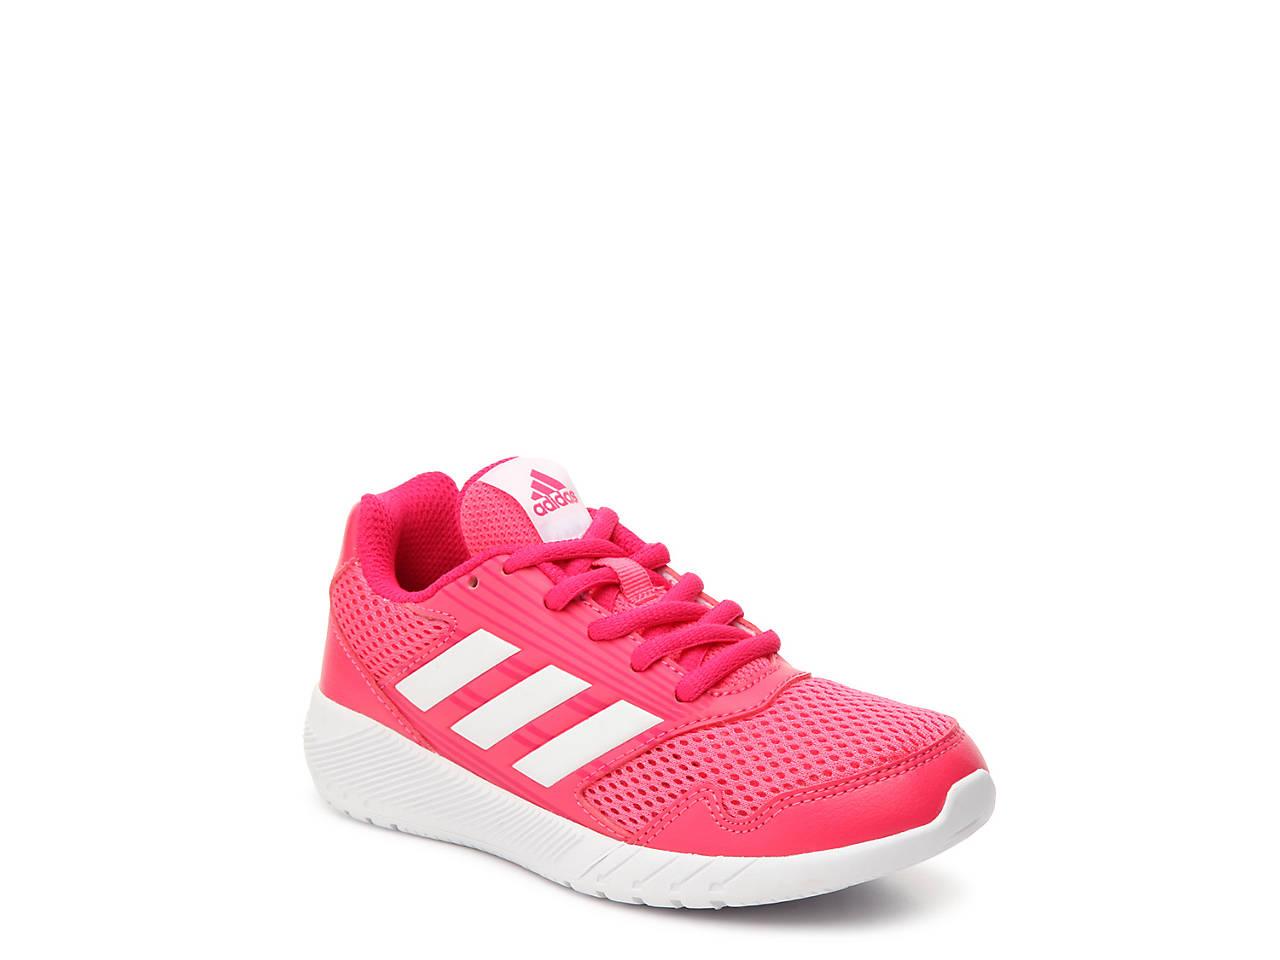 sale retailer 46dac 9c8fe adidas. Altarun Toddler  Youth Running Shoe